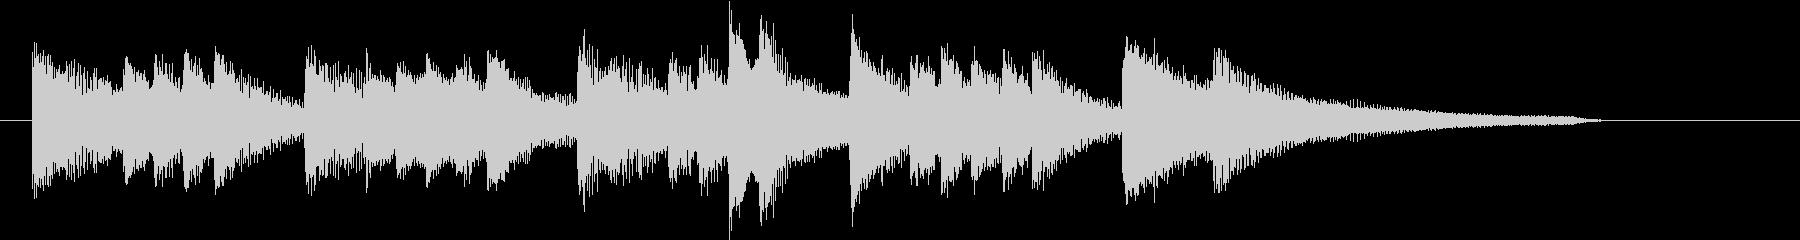 ピュアなイメージのソフトなピアノジングルの未再生の波形